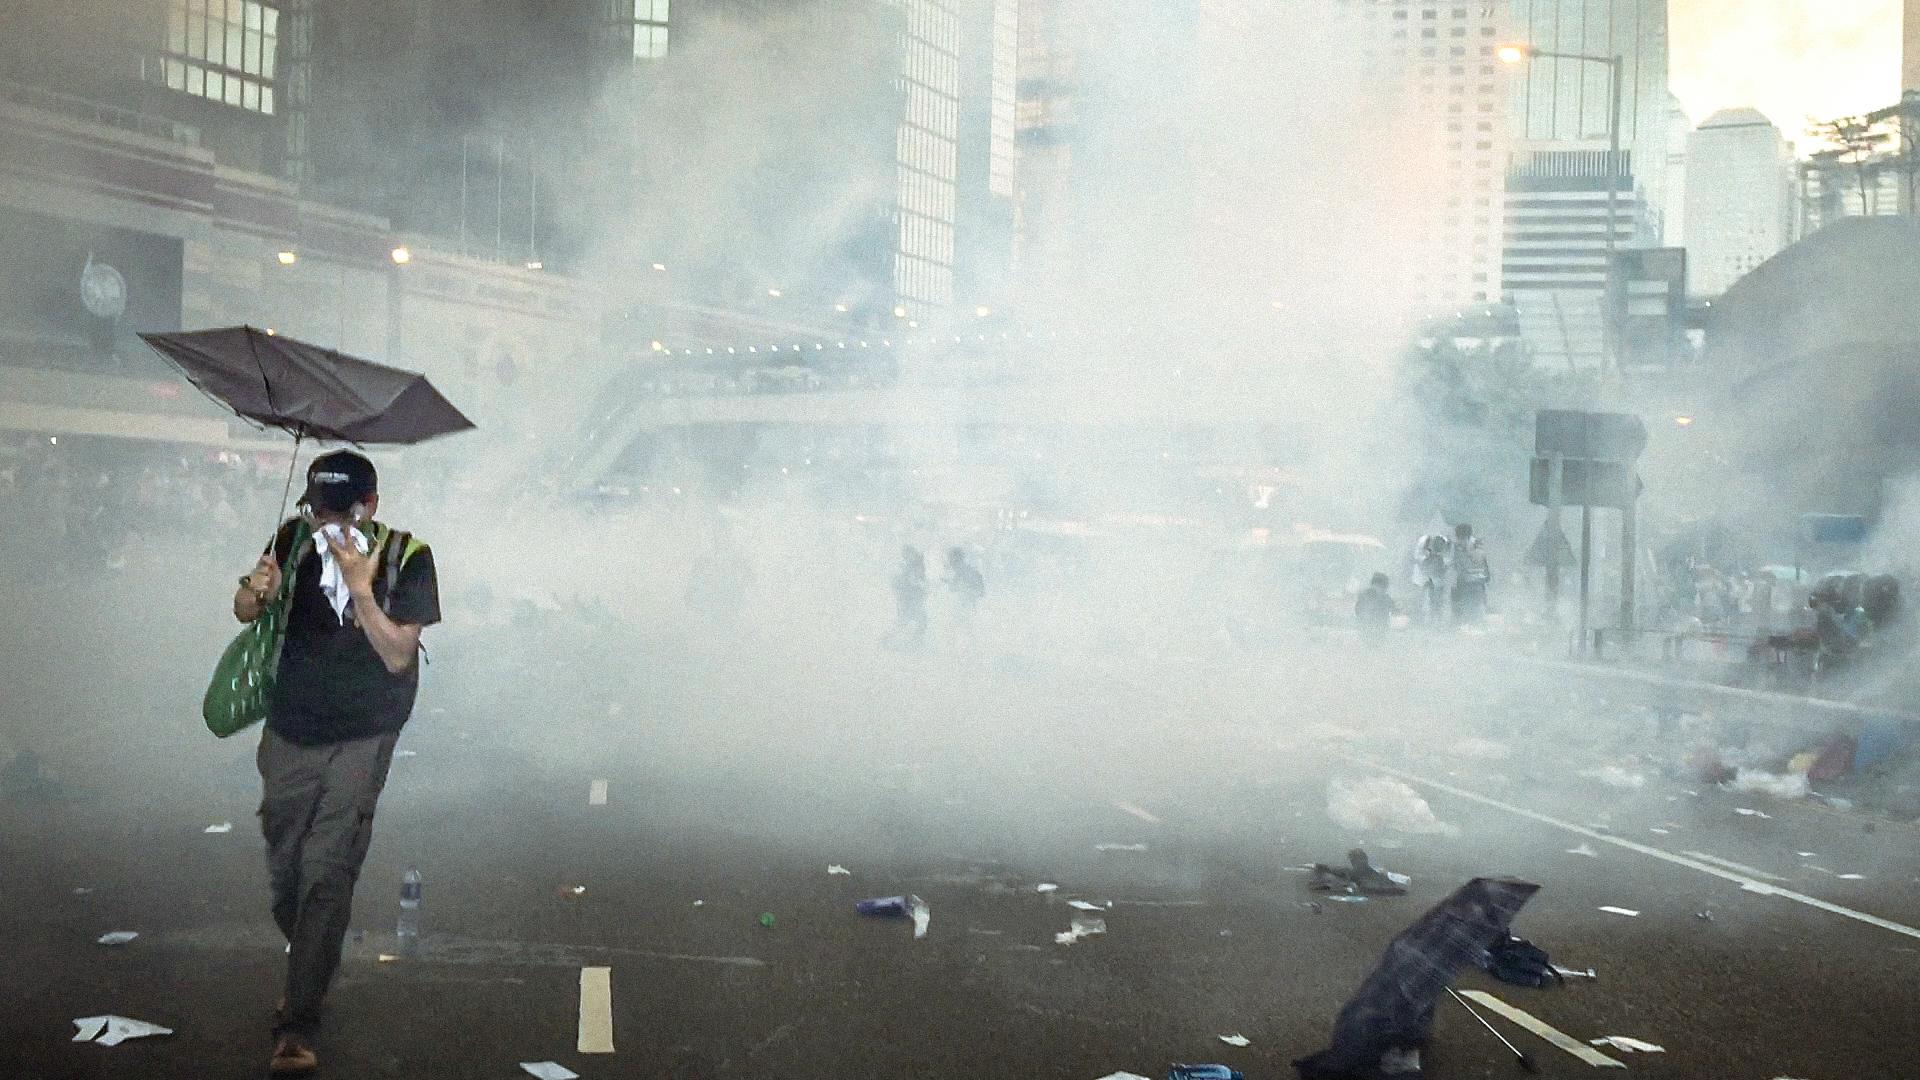 Hình nền : Hồng Kông, phản đối, Hình ảnh đường phố, Báo ảnh, cảnh sát, Khí đốt, nước mắt, hơi cay làm chảy nước mắt, Sự giải phóng ô, Điện thoại di ...